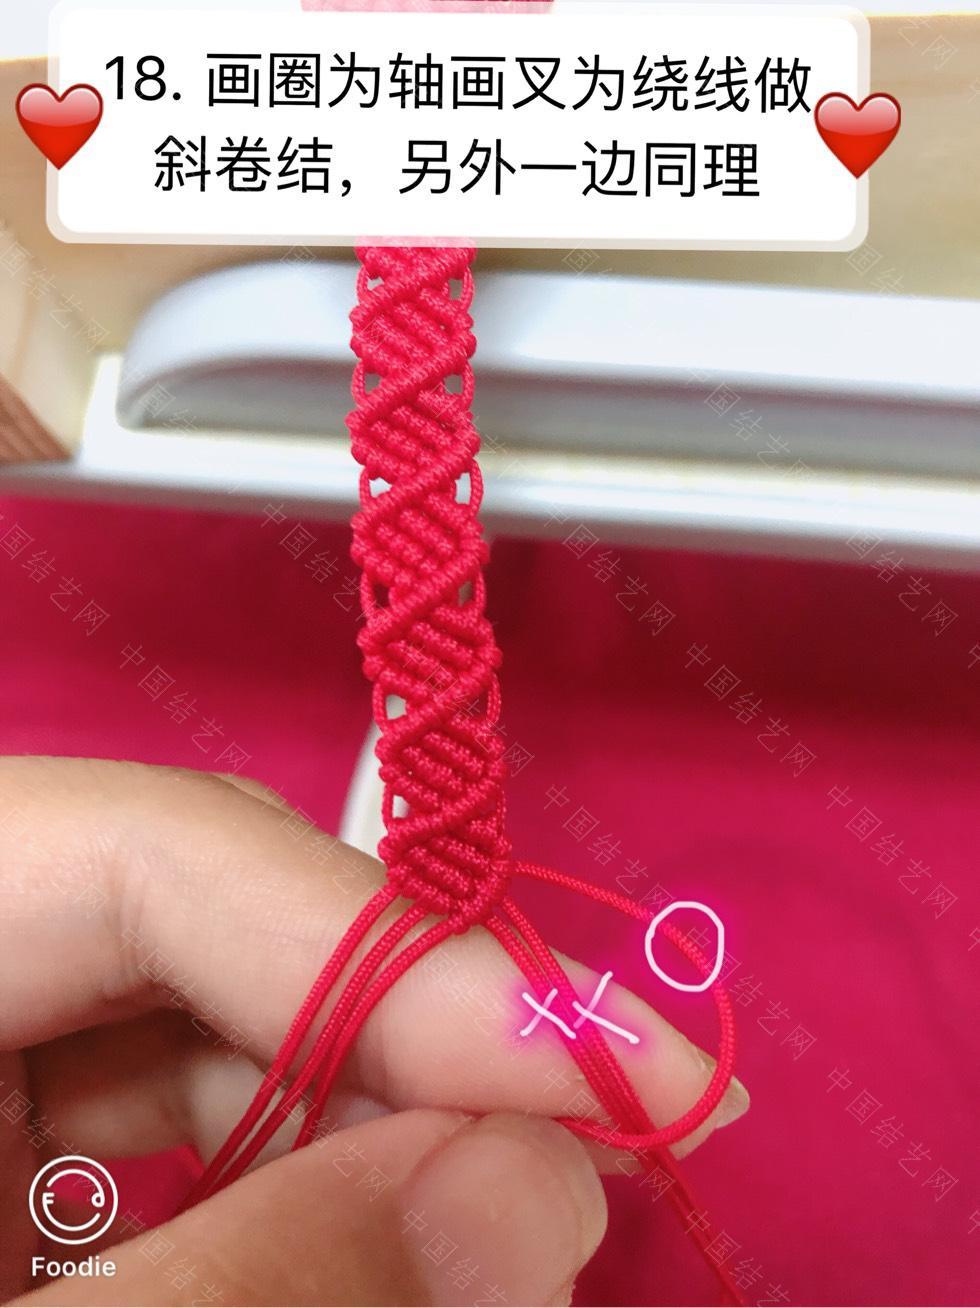 中国结论坛 五毛硬币手链(宽版)  图文教程区 185032c6nhnopv7kaoozdk